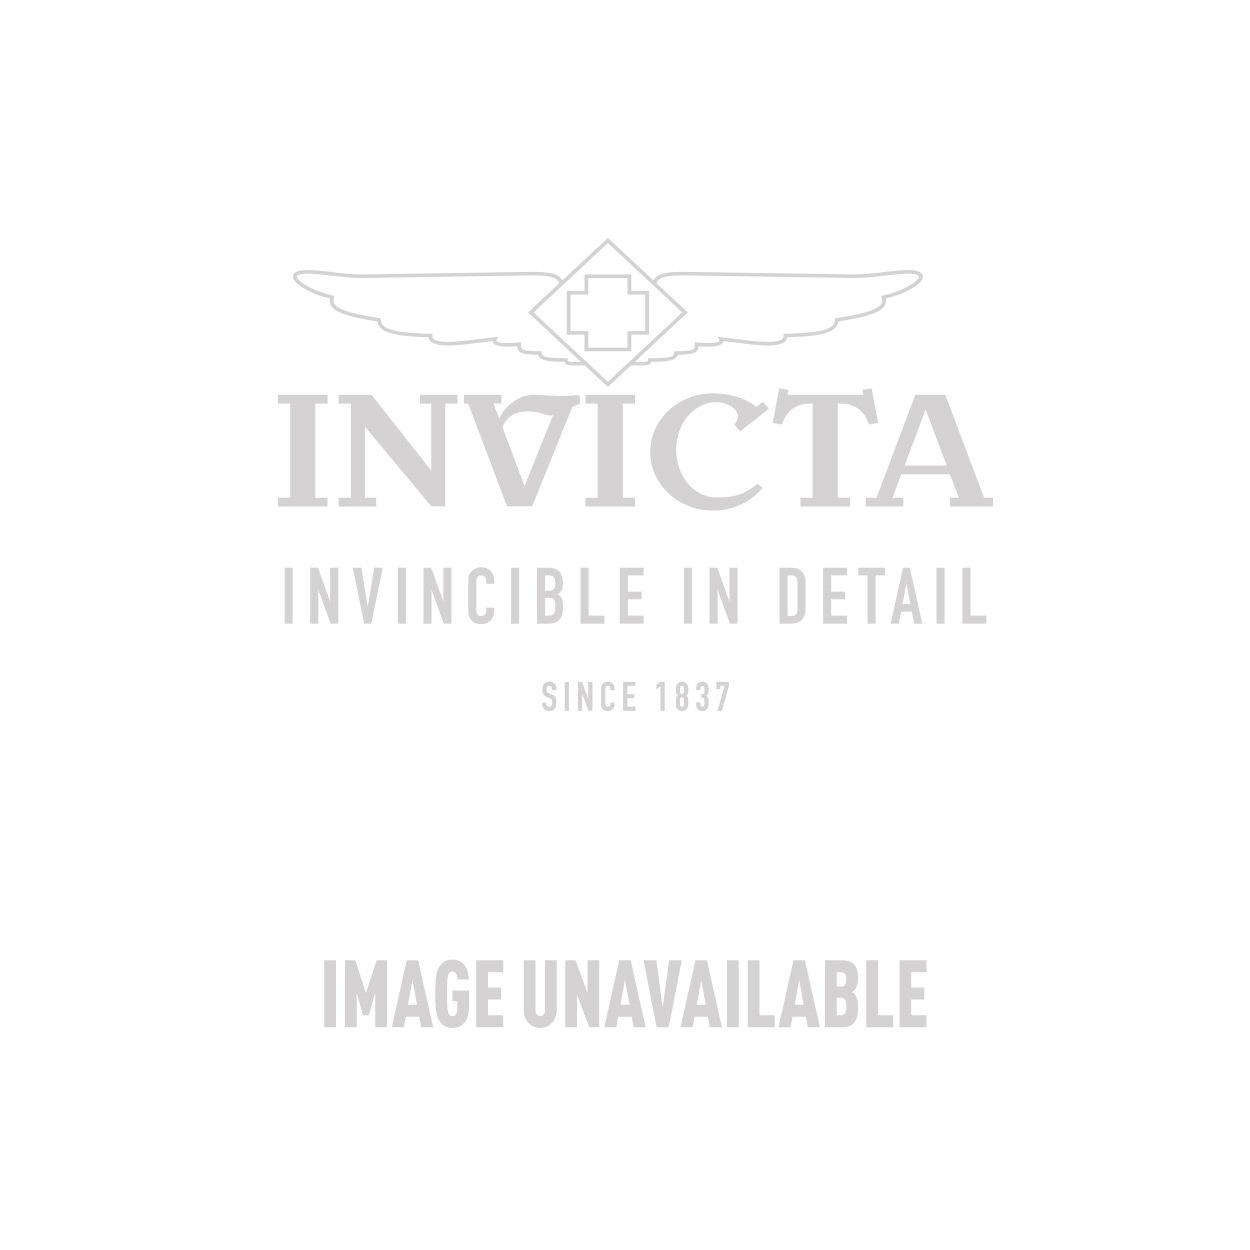 Invicta Model  25891